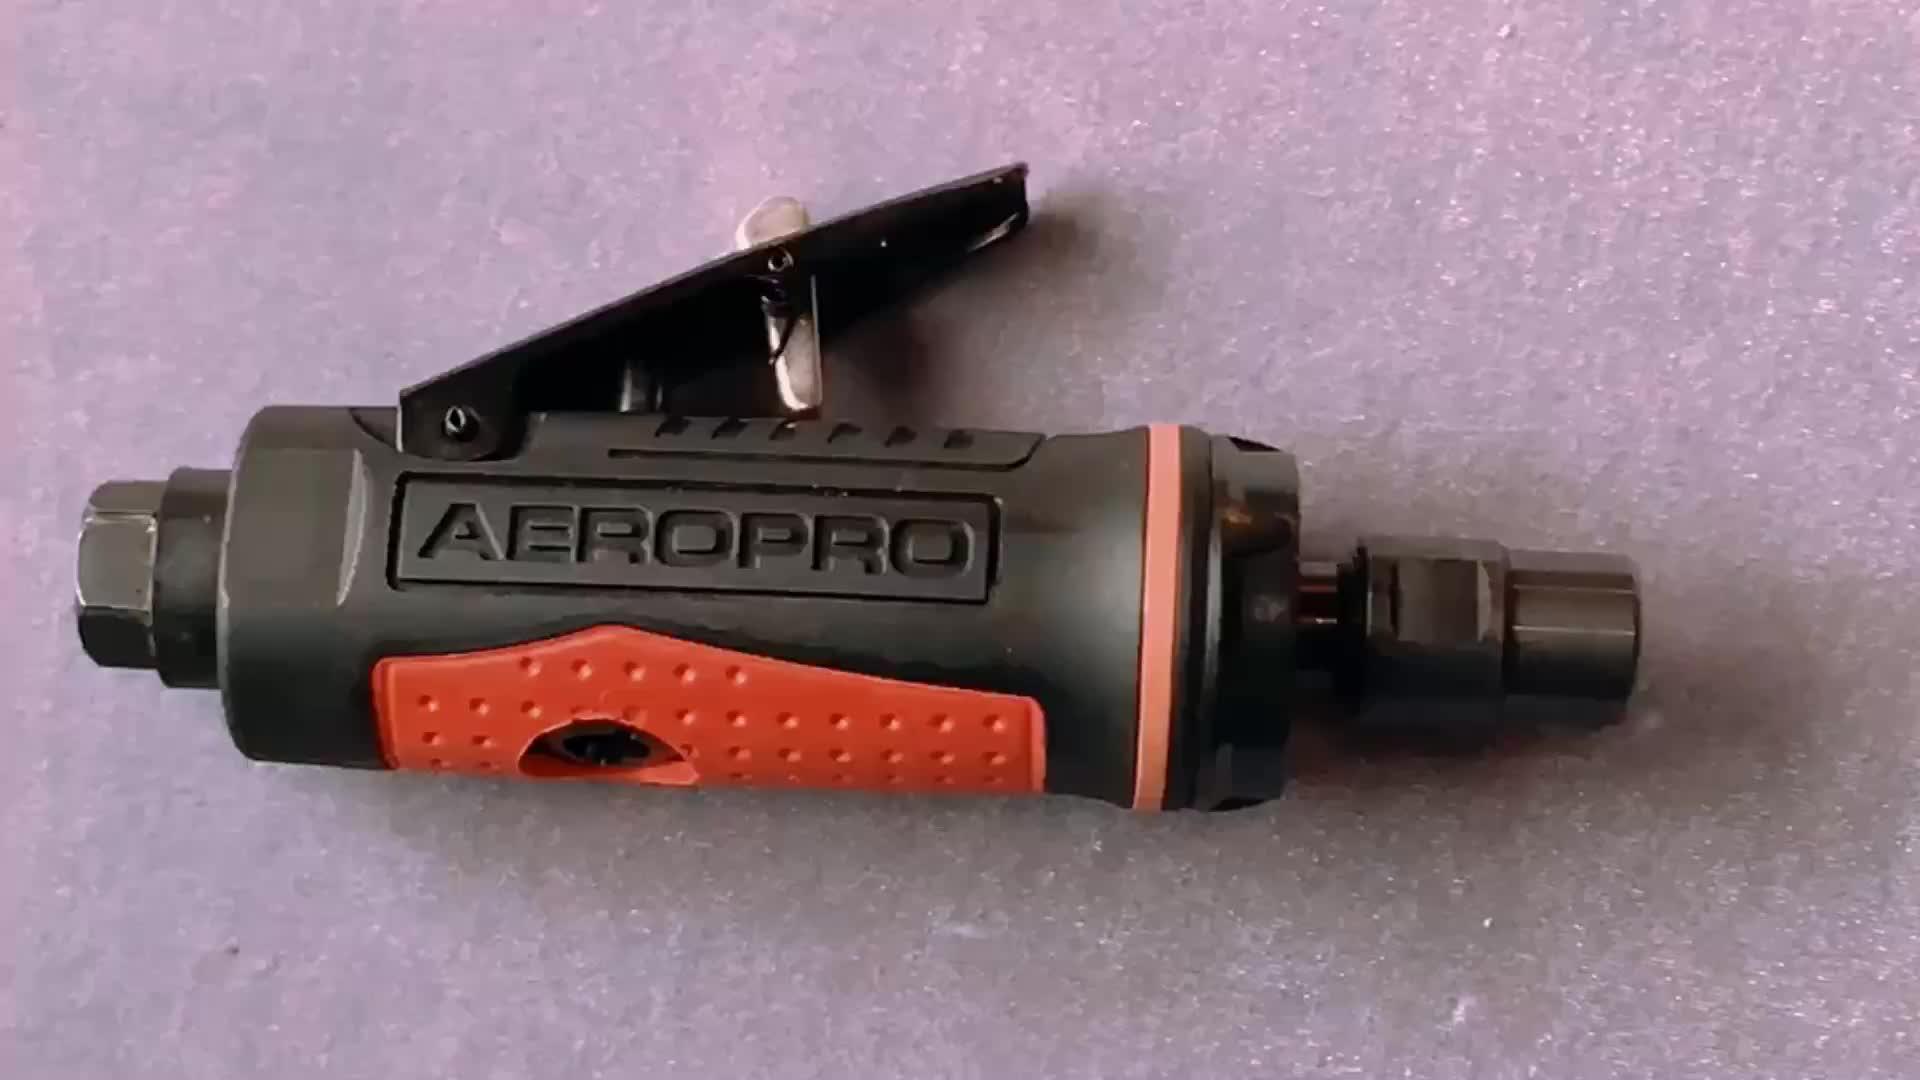 Aeropro Hohe Qualität Heavy Duty Einfach Verwenden AP17313 1/4 zoll Mini Micro Air Die Grinder